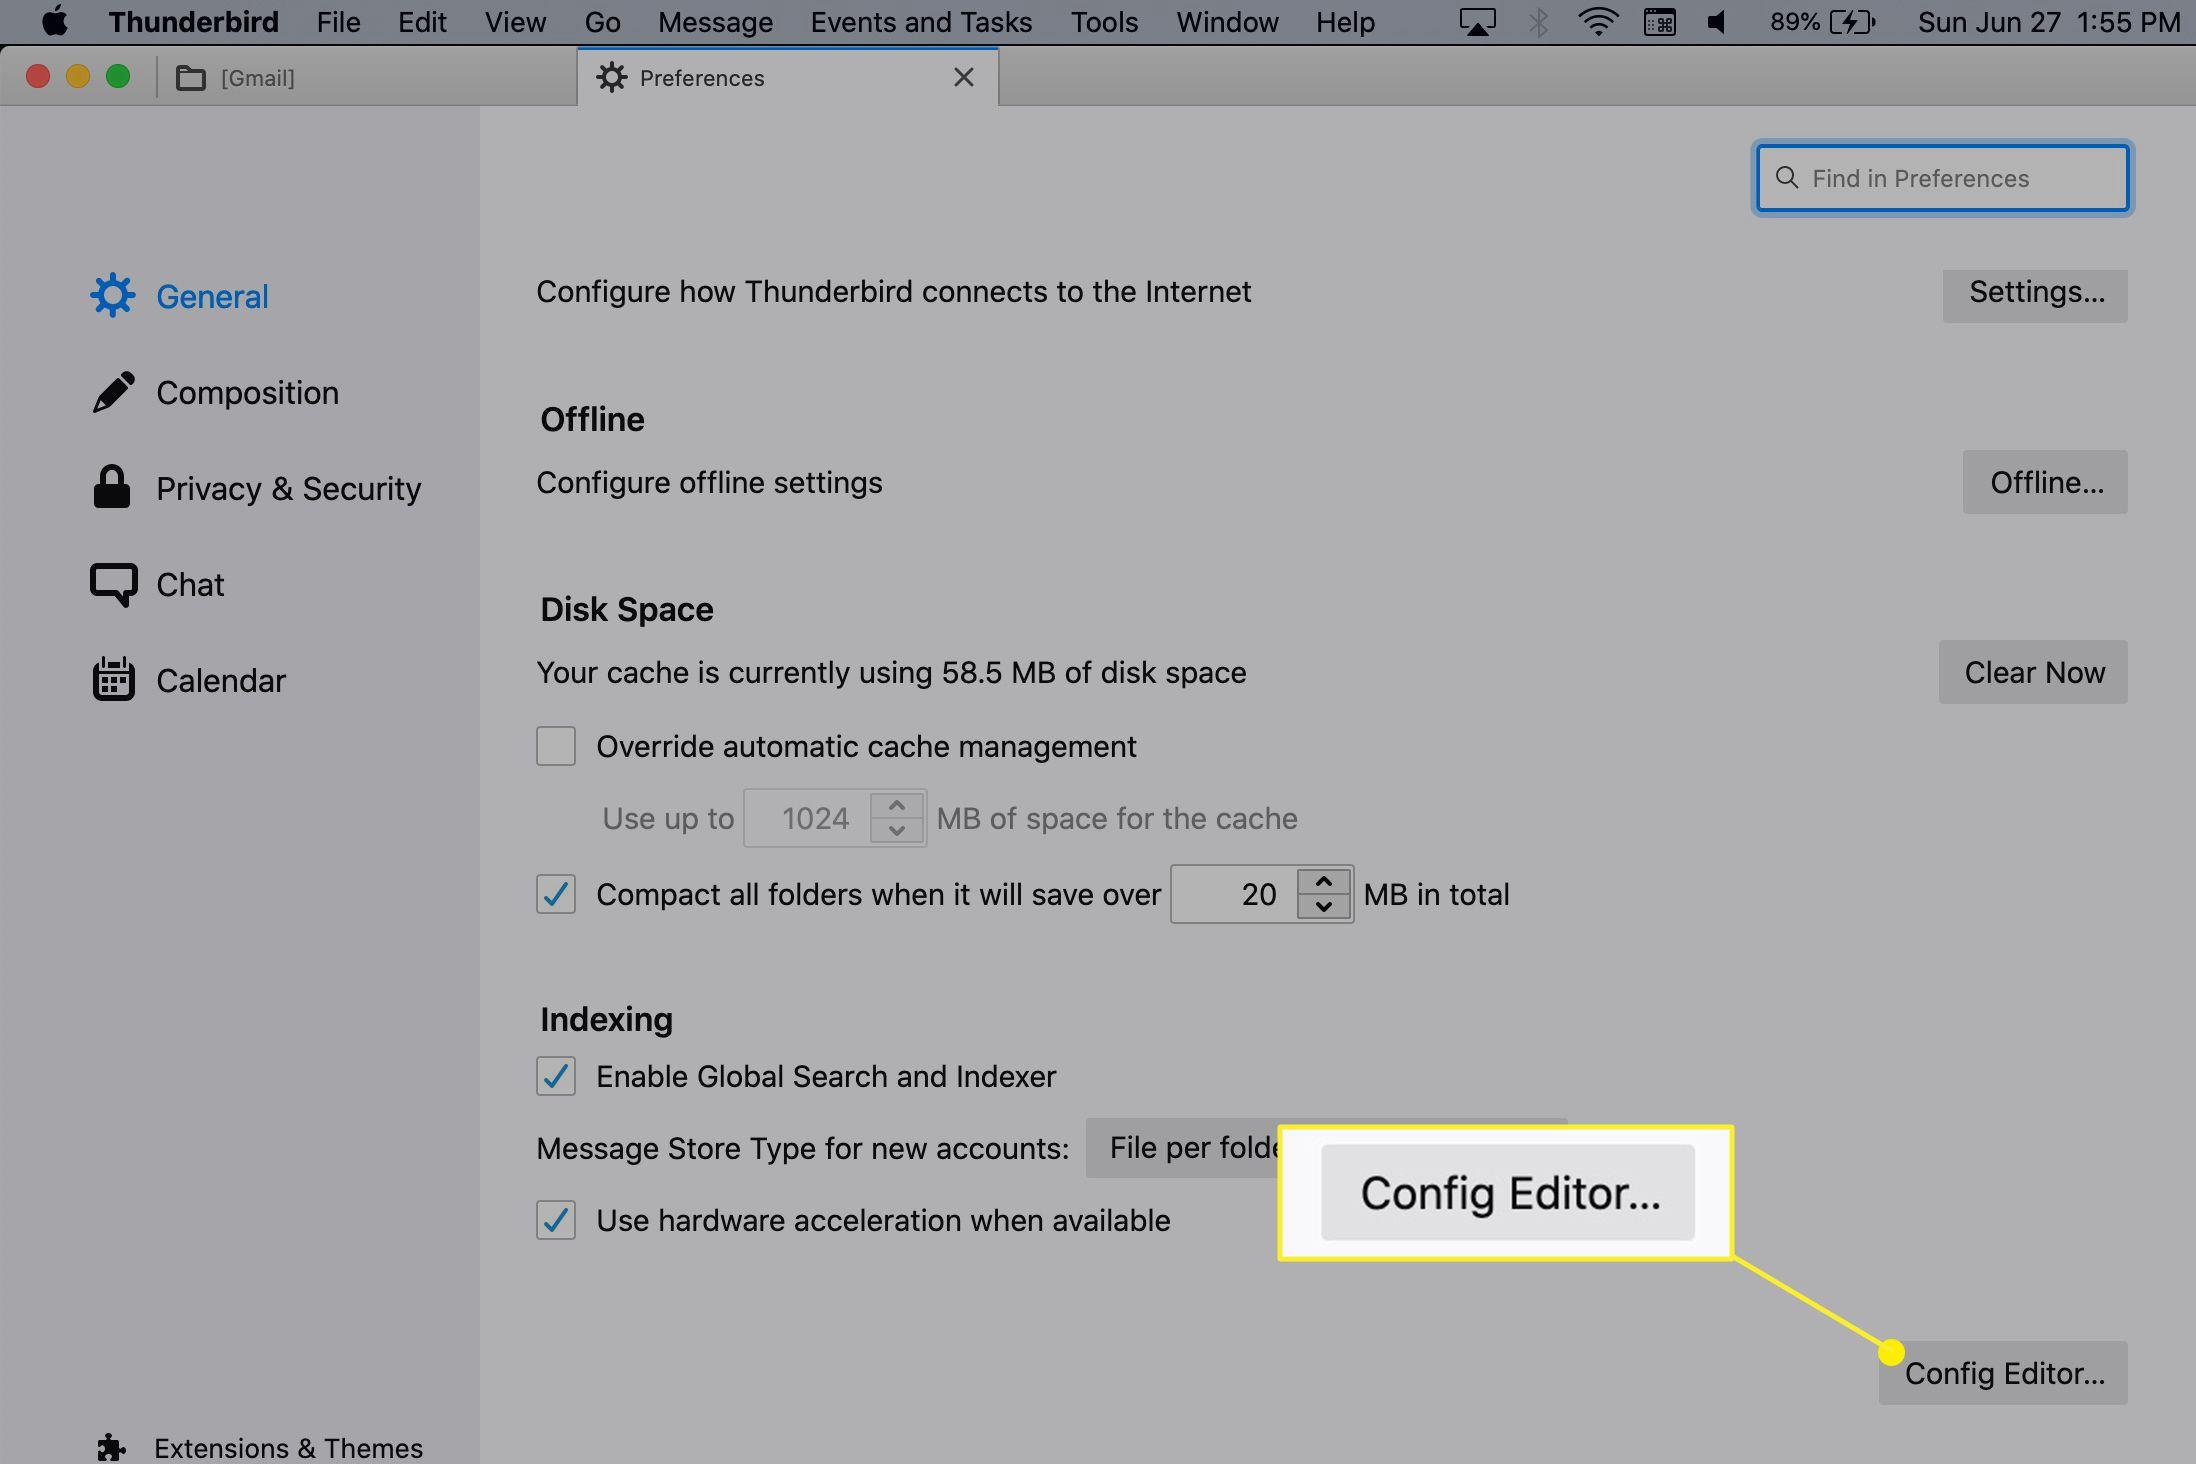 Config Editor button highlighted in Thunderbird